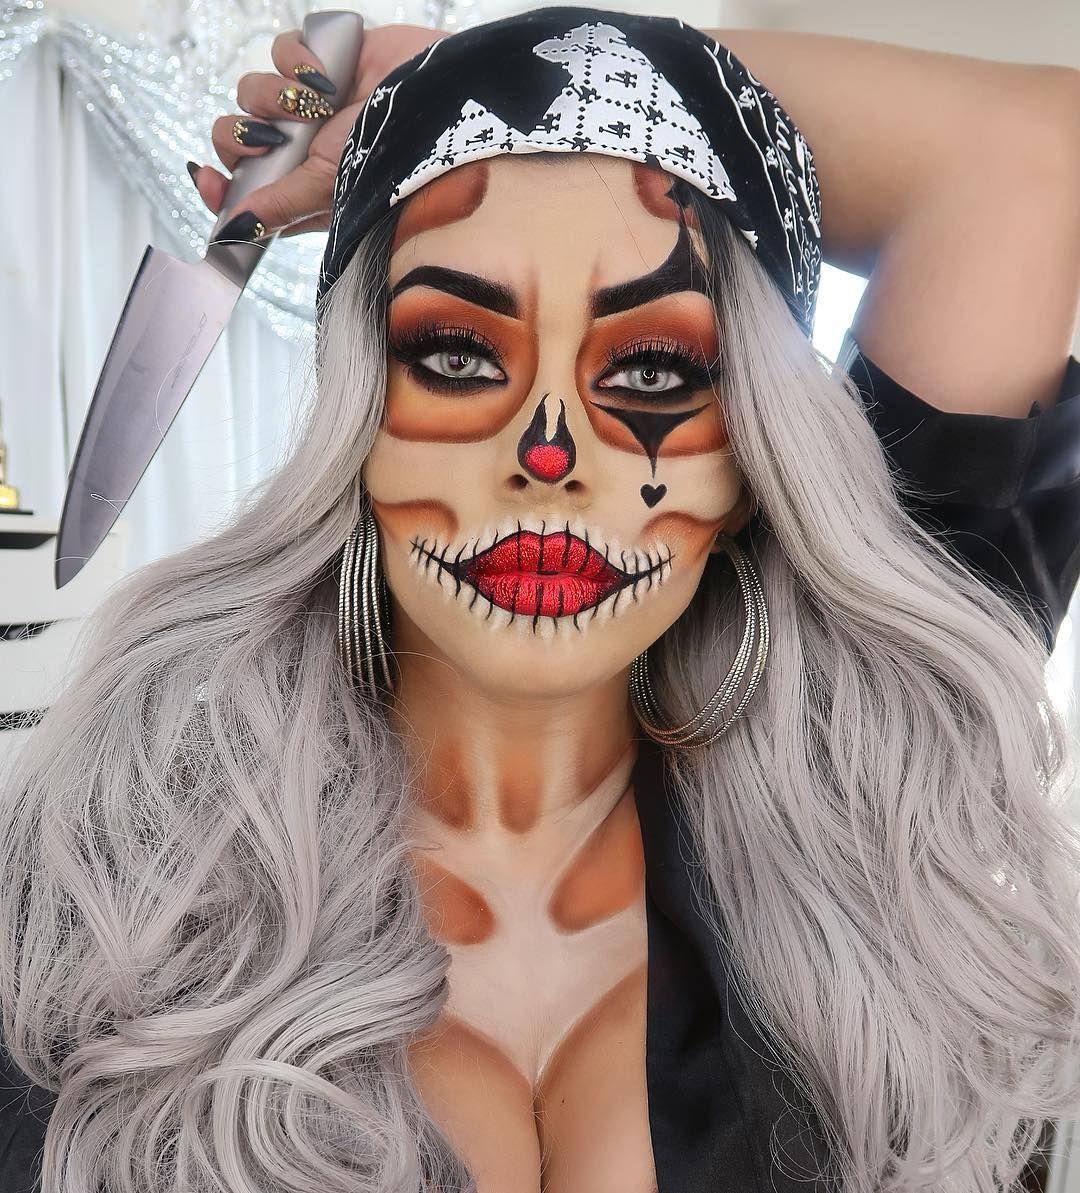 Les gusta este nuevo maquillaje para Halloween?? ya esta